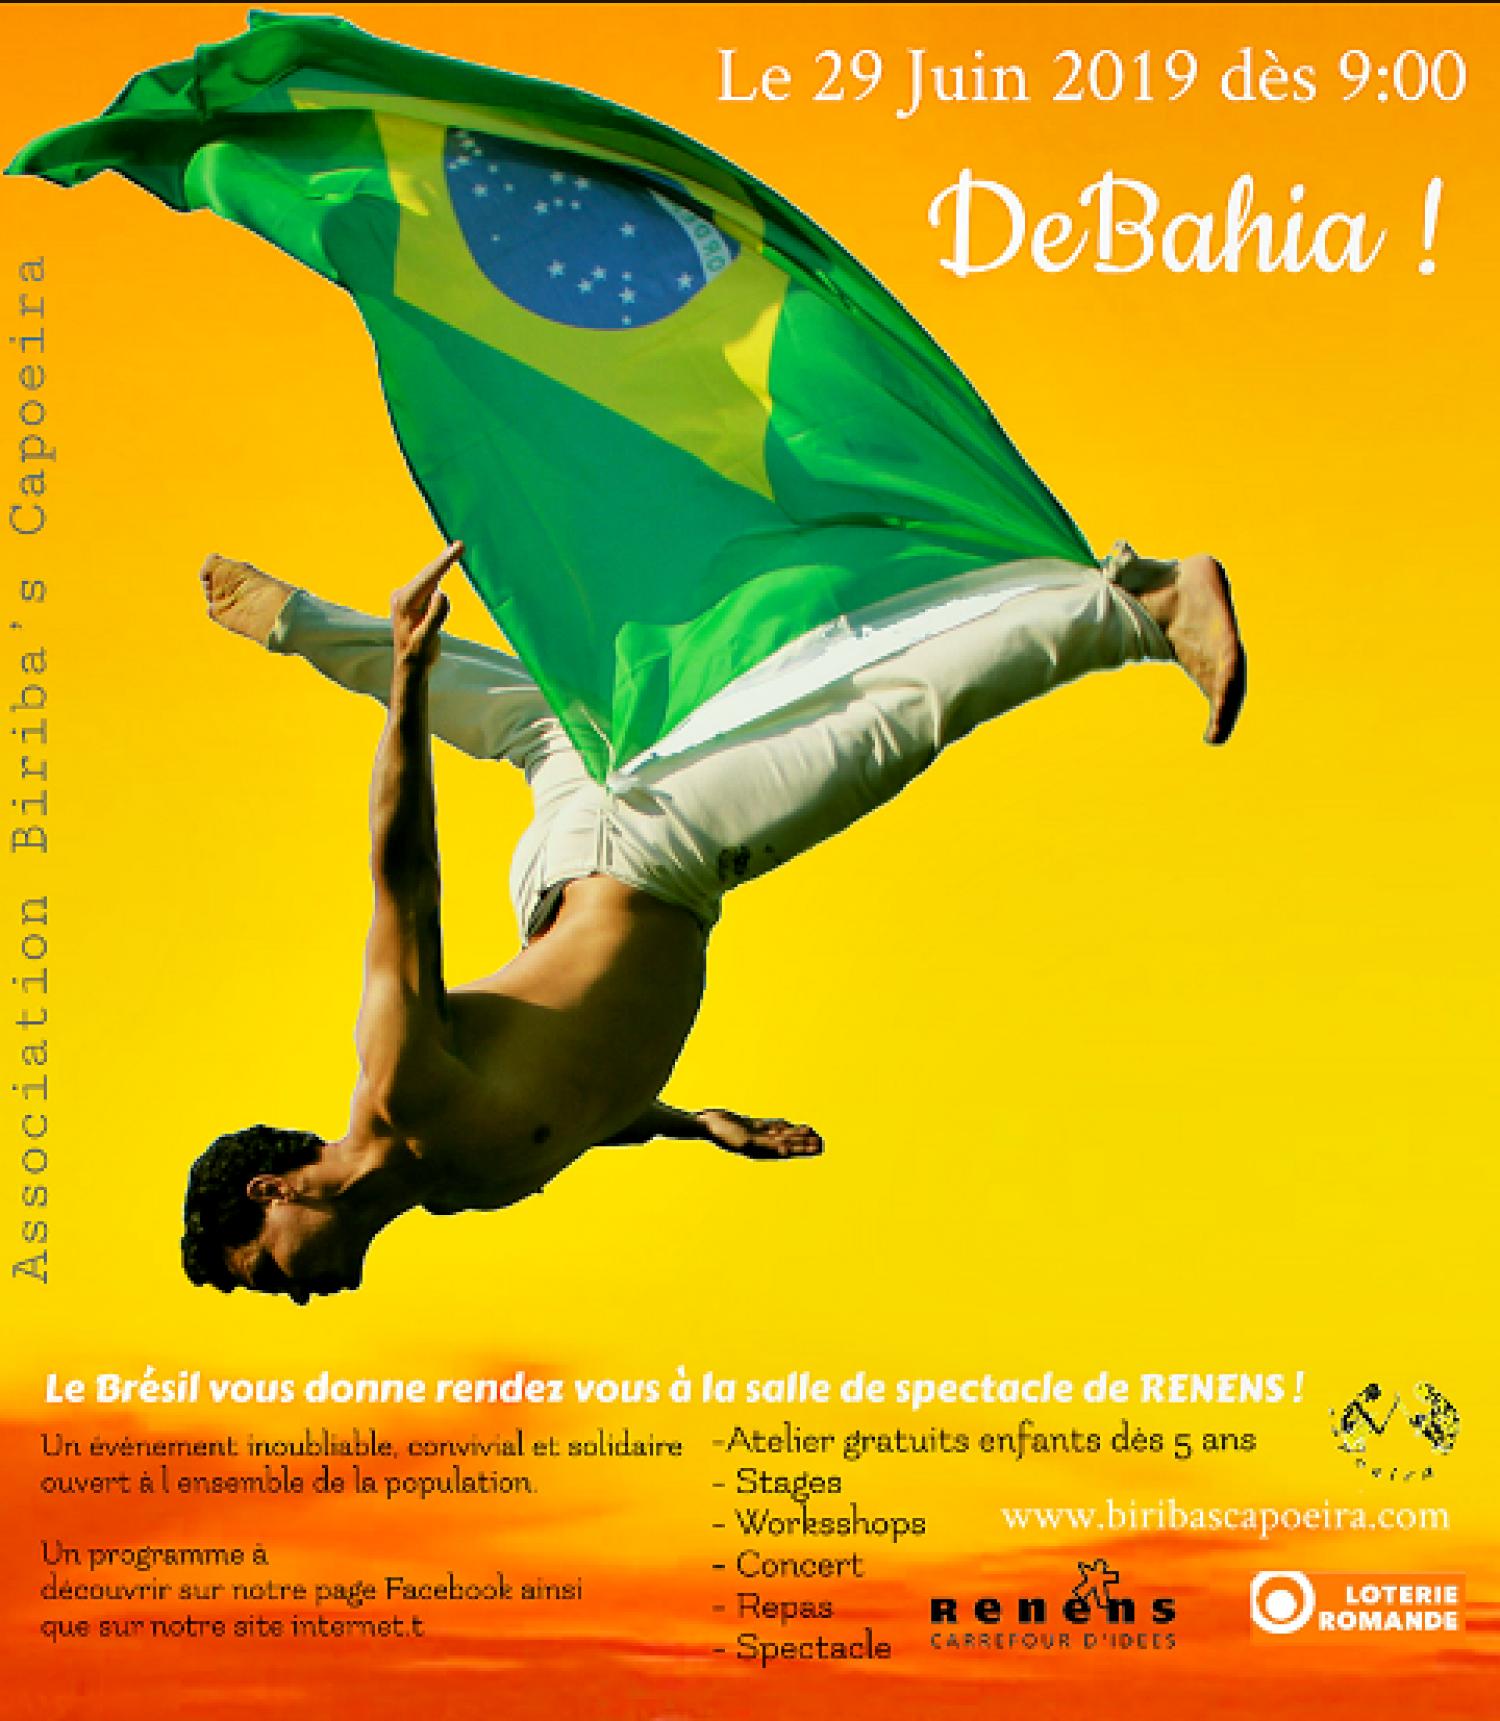 Festival de culture brésilienne DeBahia